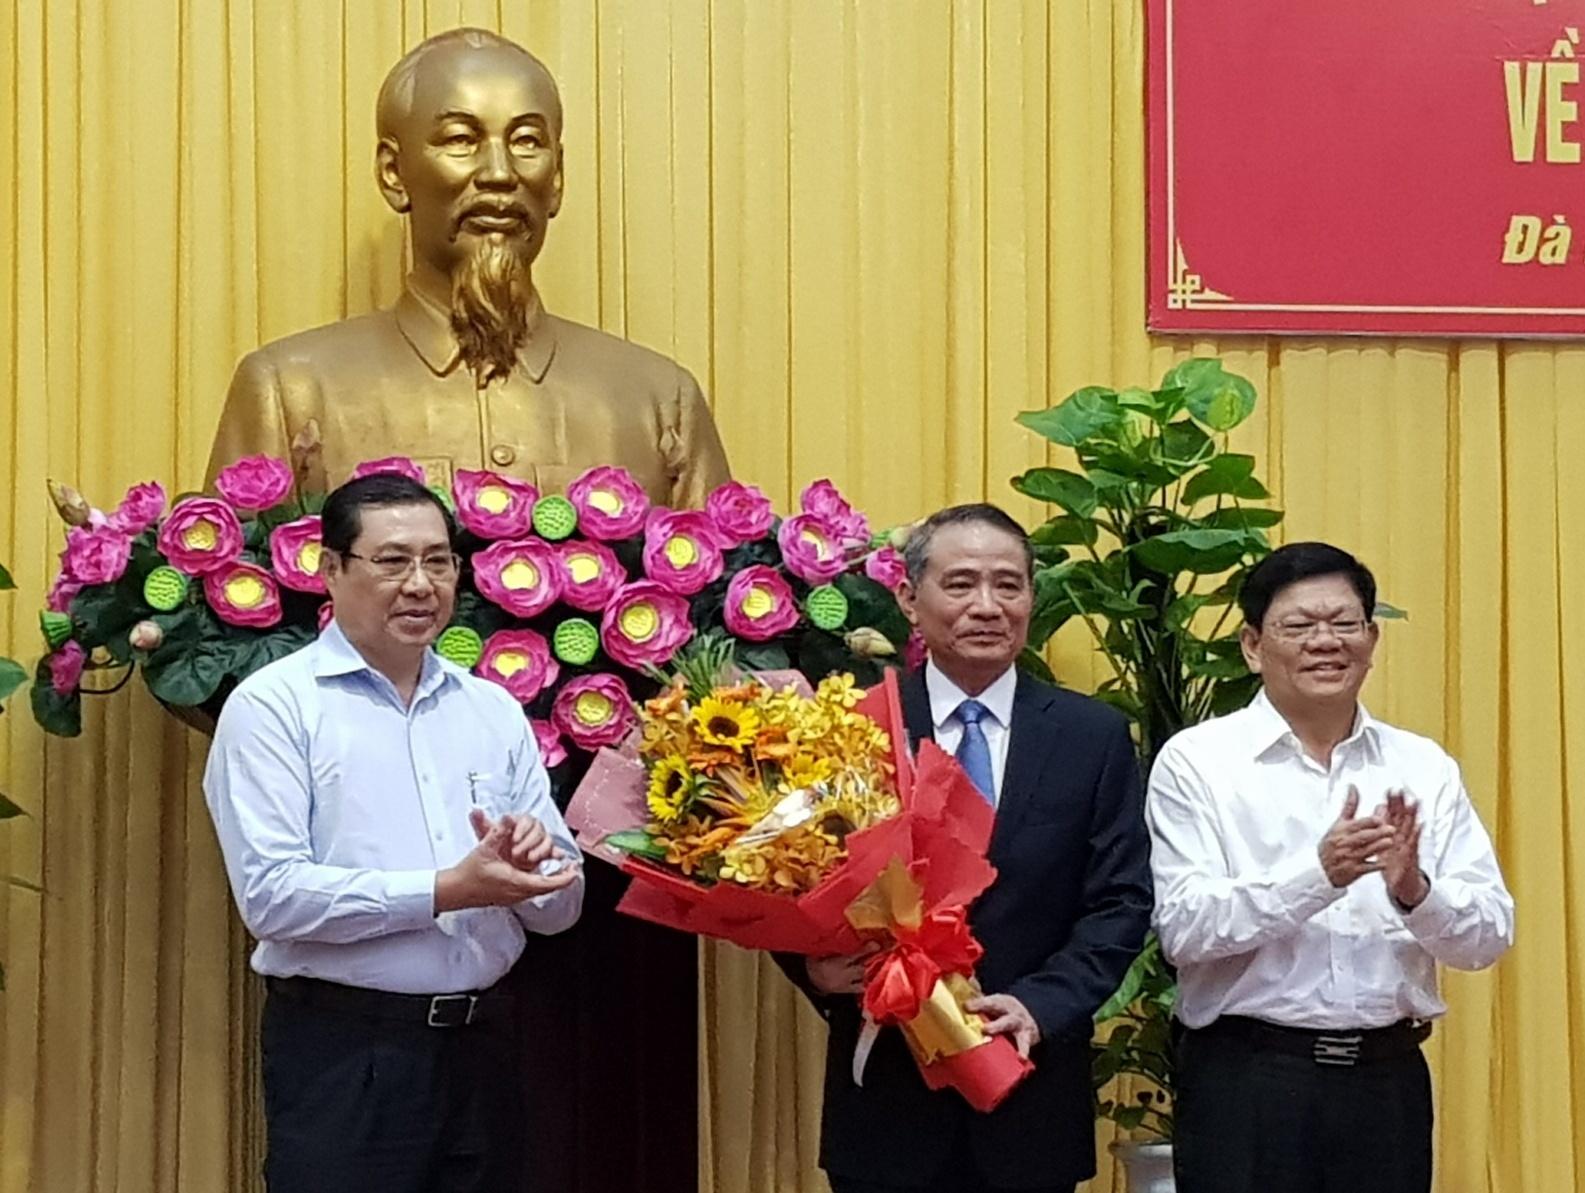 Bí thư Đà Nẵng, Đà Nẵng, Nguyễn Xuân Anh, Trương Quang Nghĩa